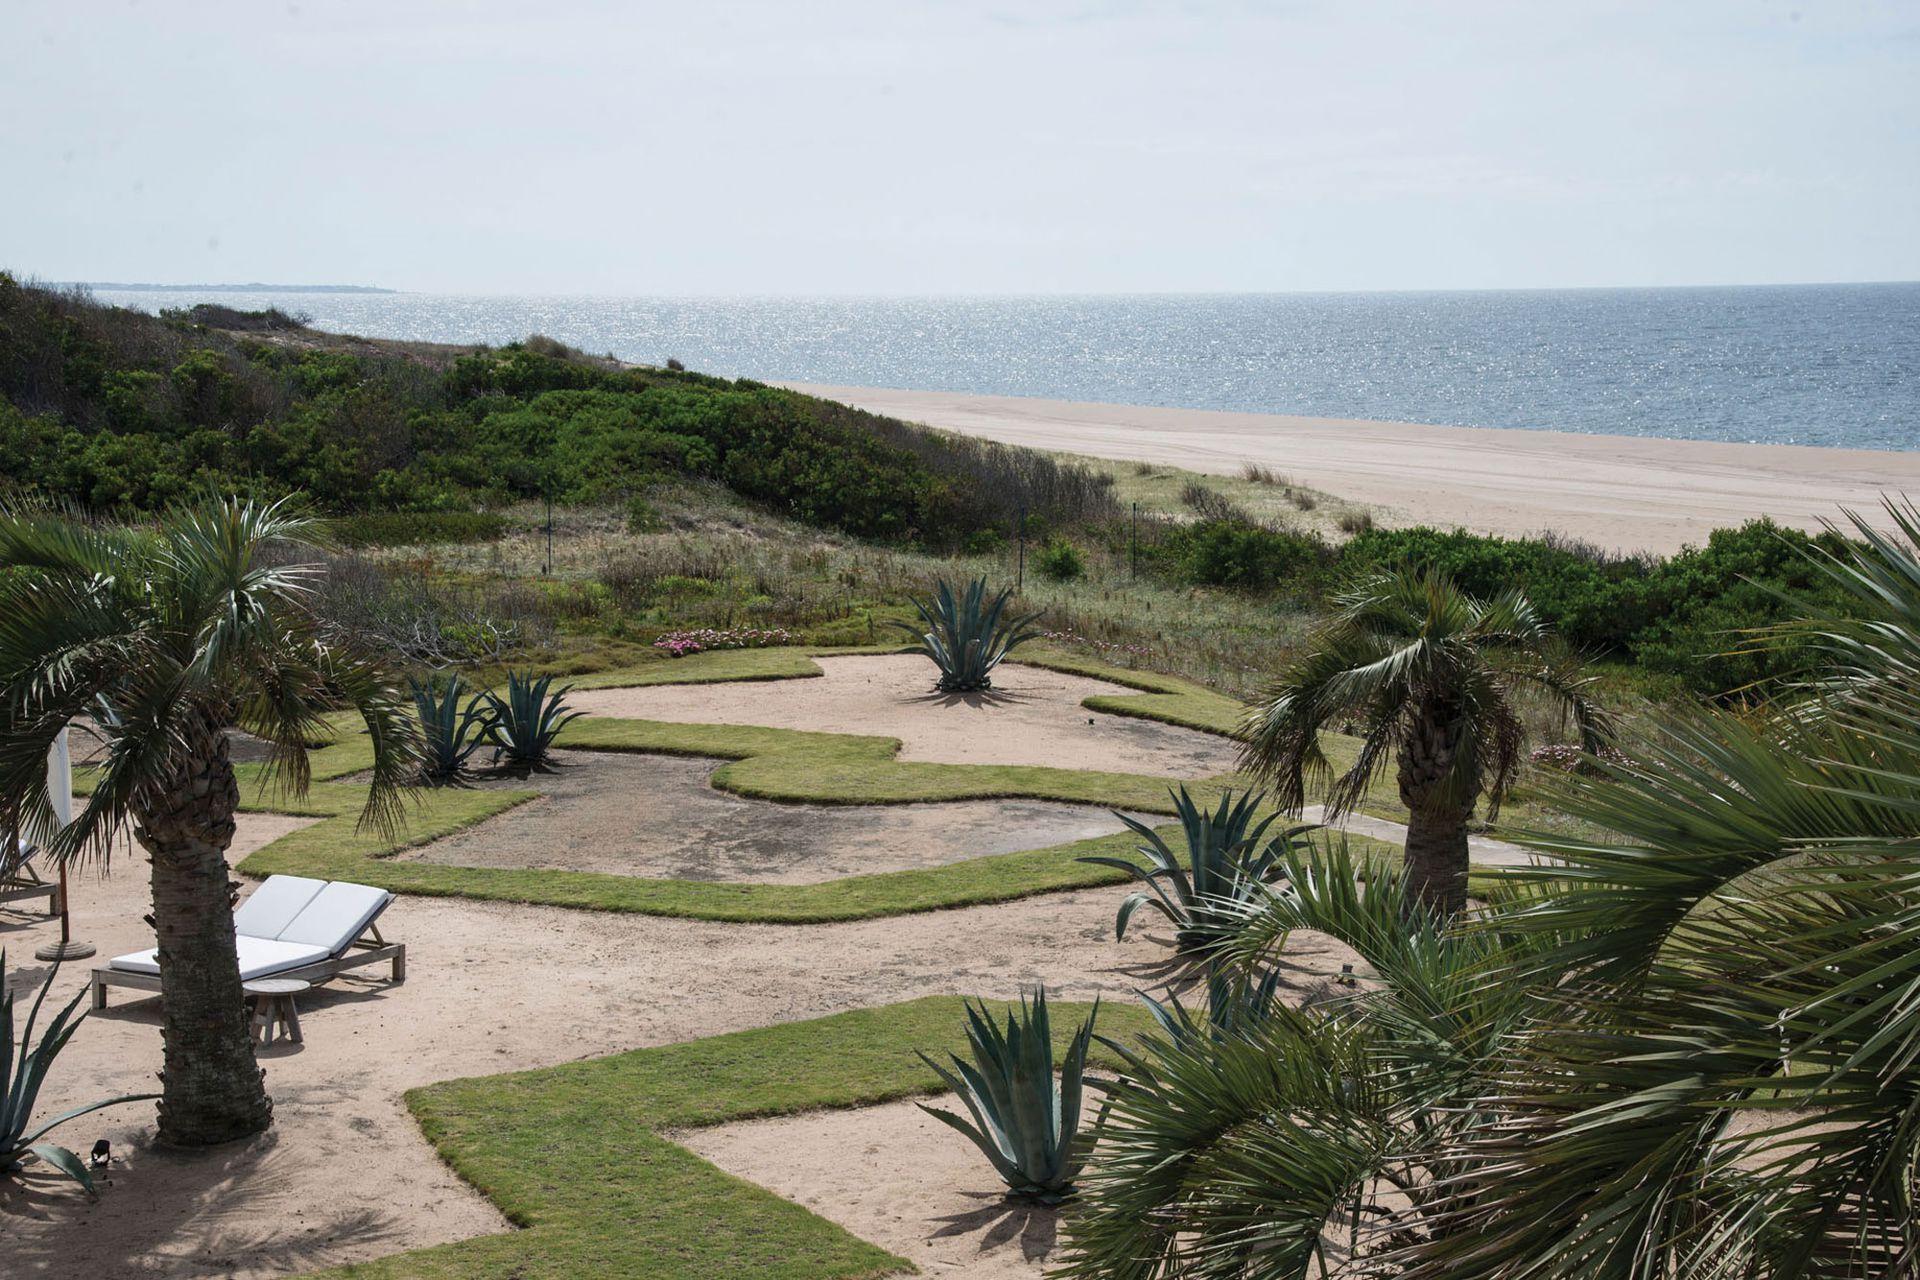 El último sector del jardín, abierto al mar, se planteó como un gran espacio de césped intervenido con formas orgánicas que supieron contener grandes masas de rastreras y ágaves. Hoy queda el diseño y la arena, que acerca la costa a la casa.